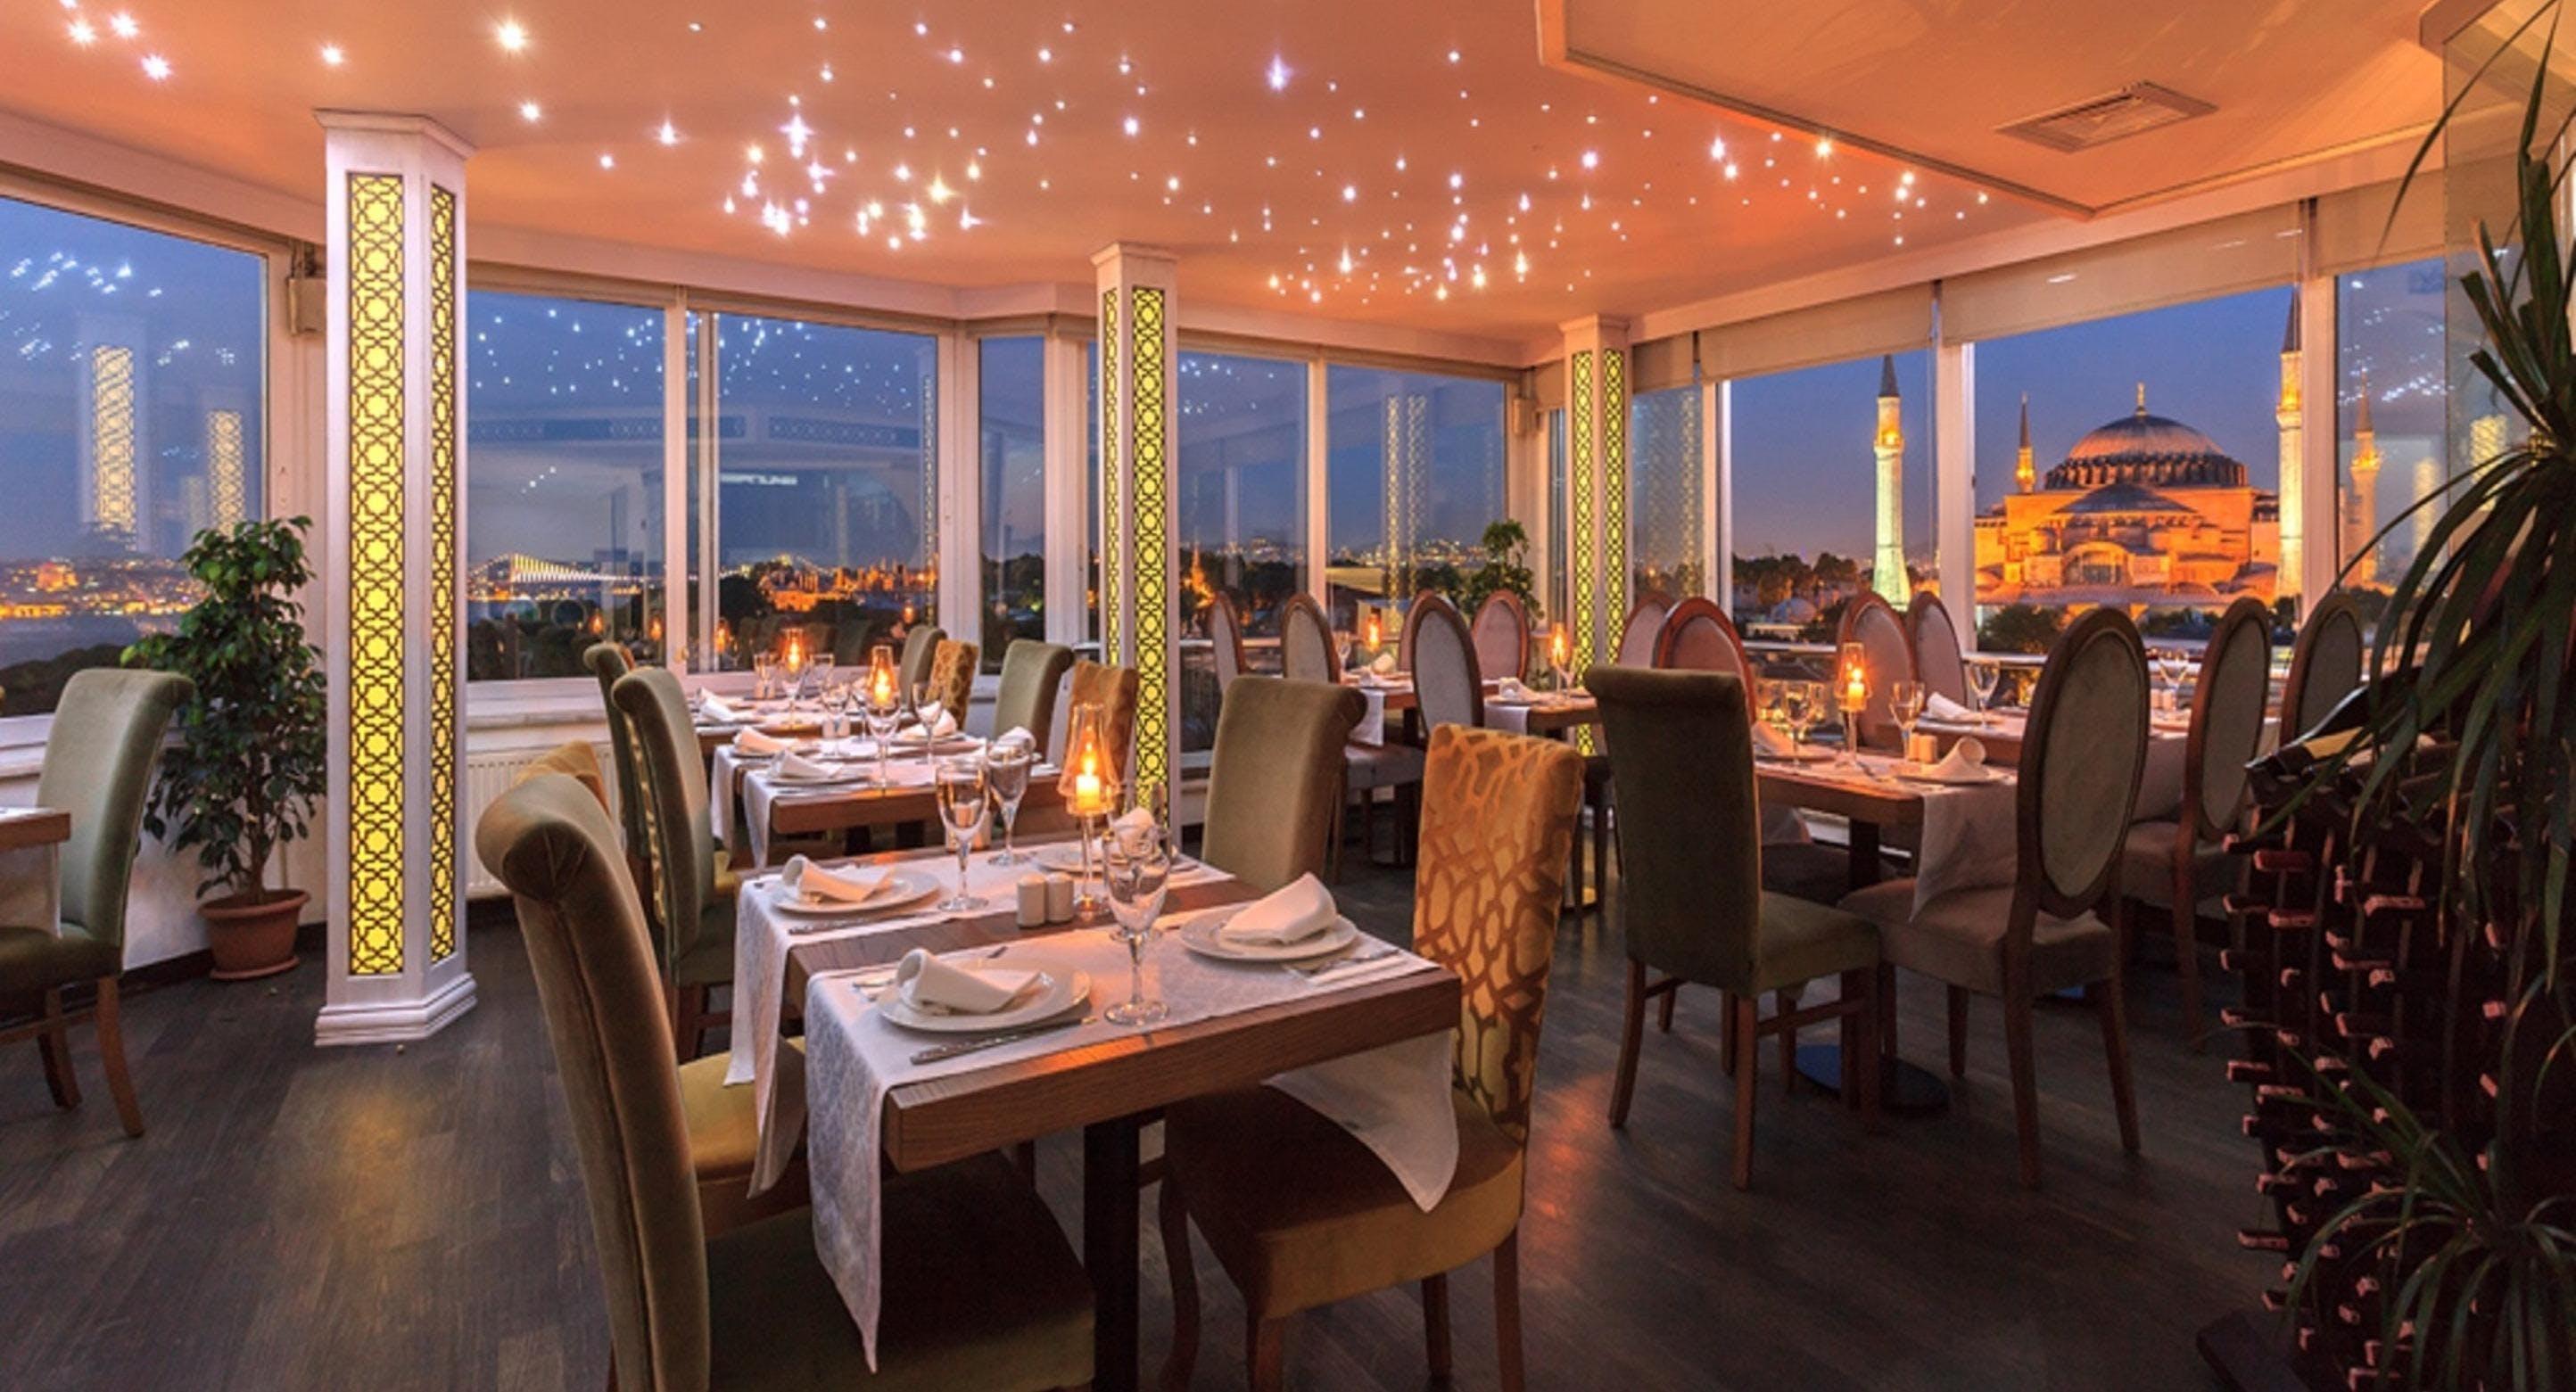 Photo of restaurant Panoramic Restaurant in Sultanahmet, Istanbul